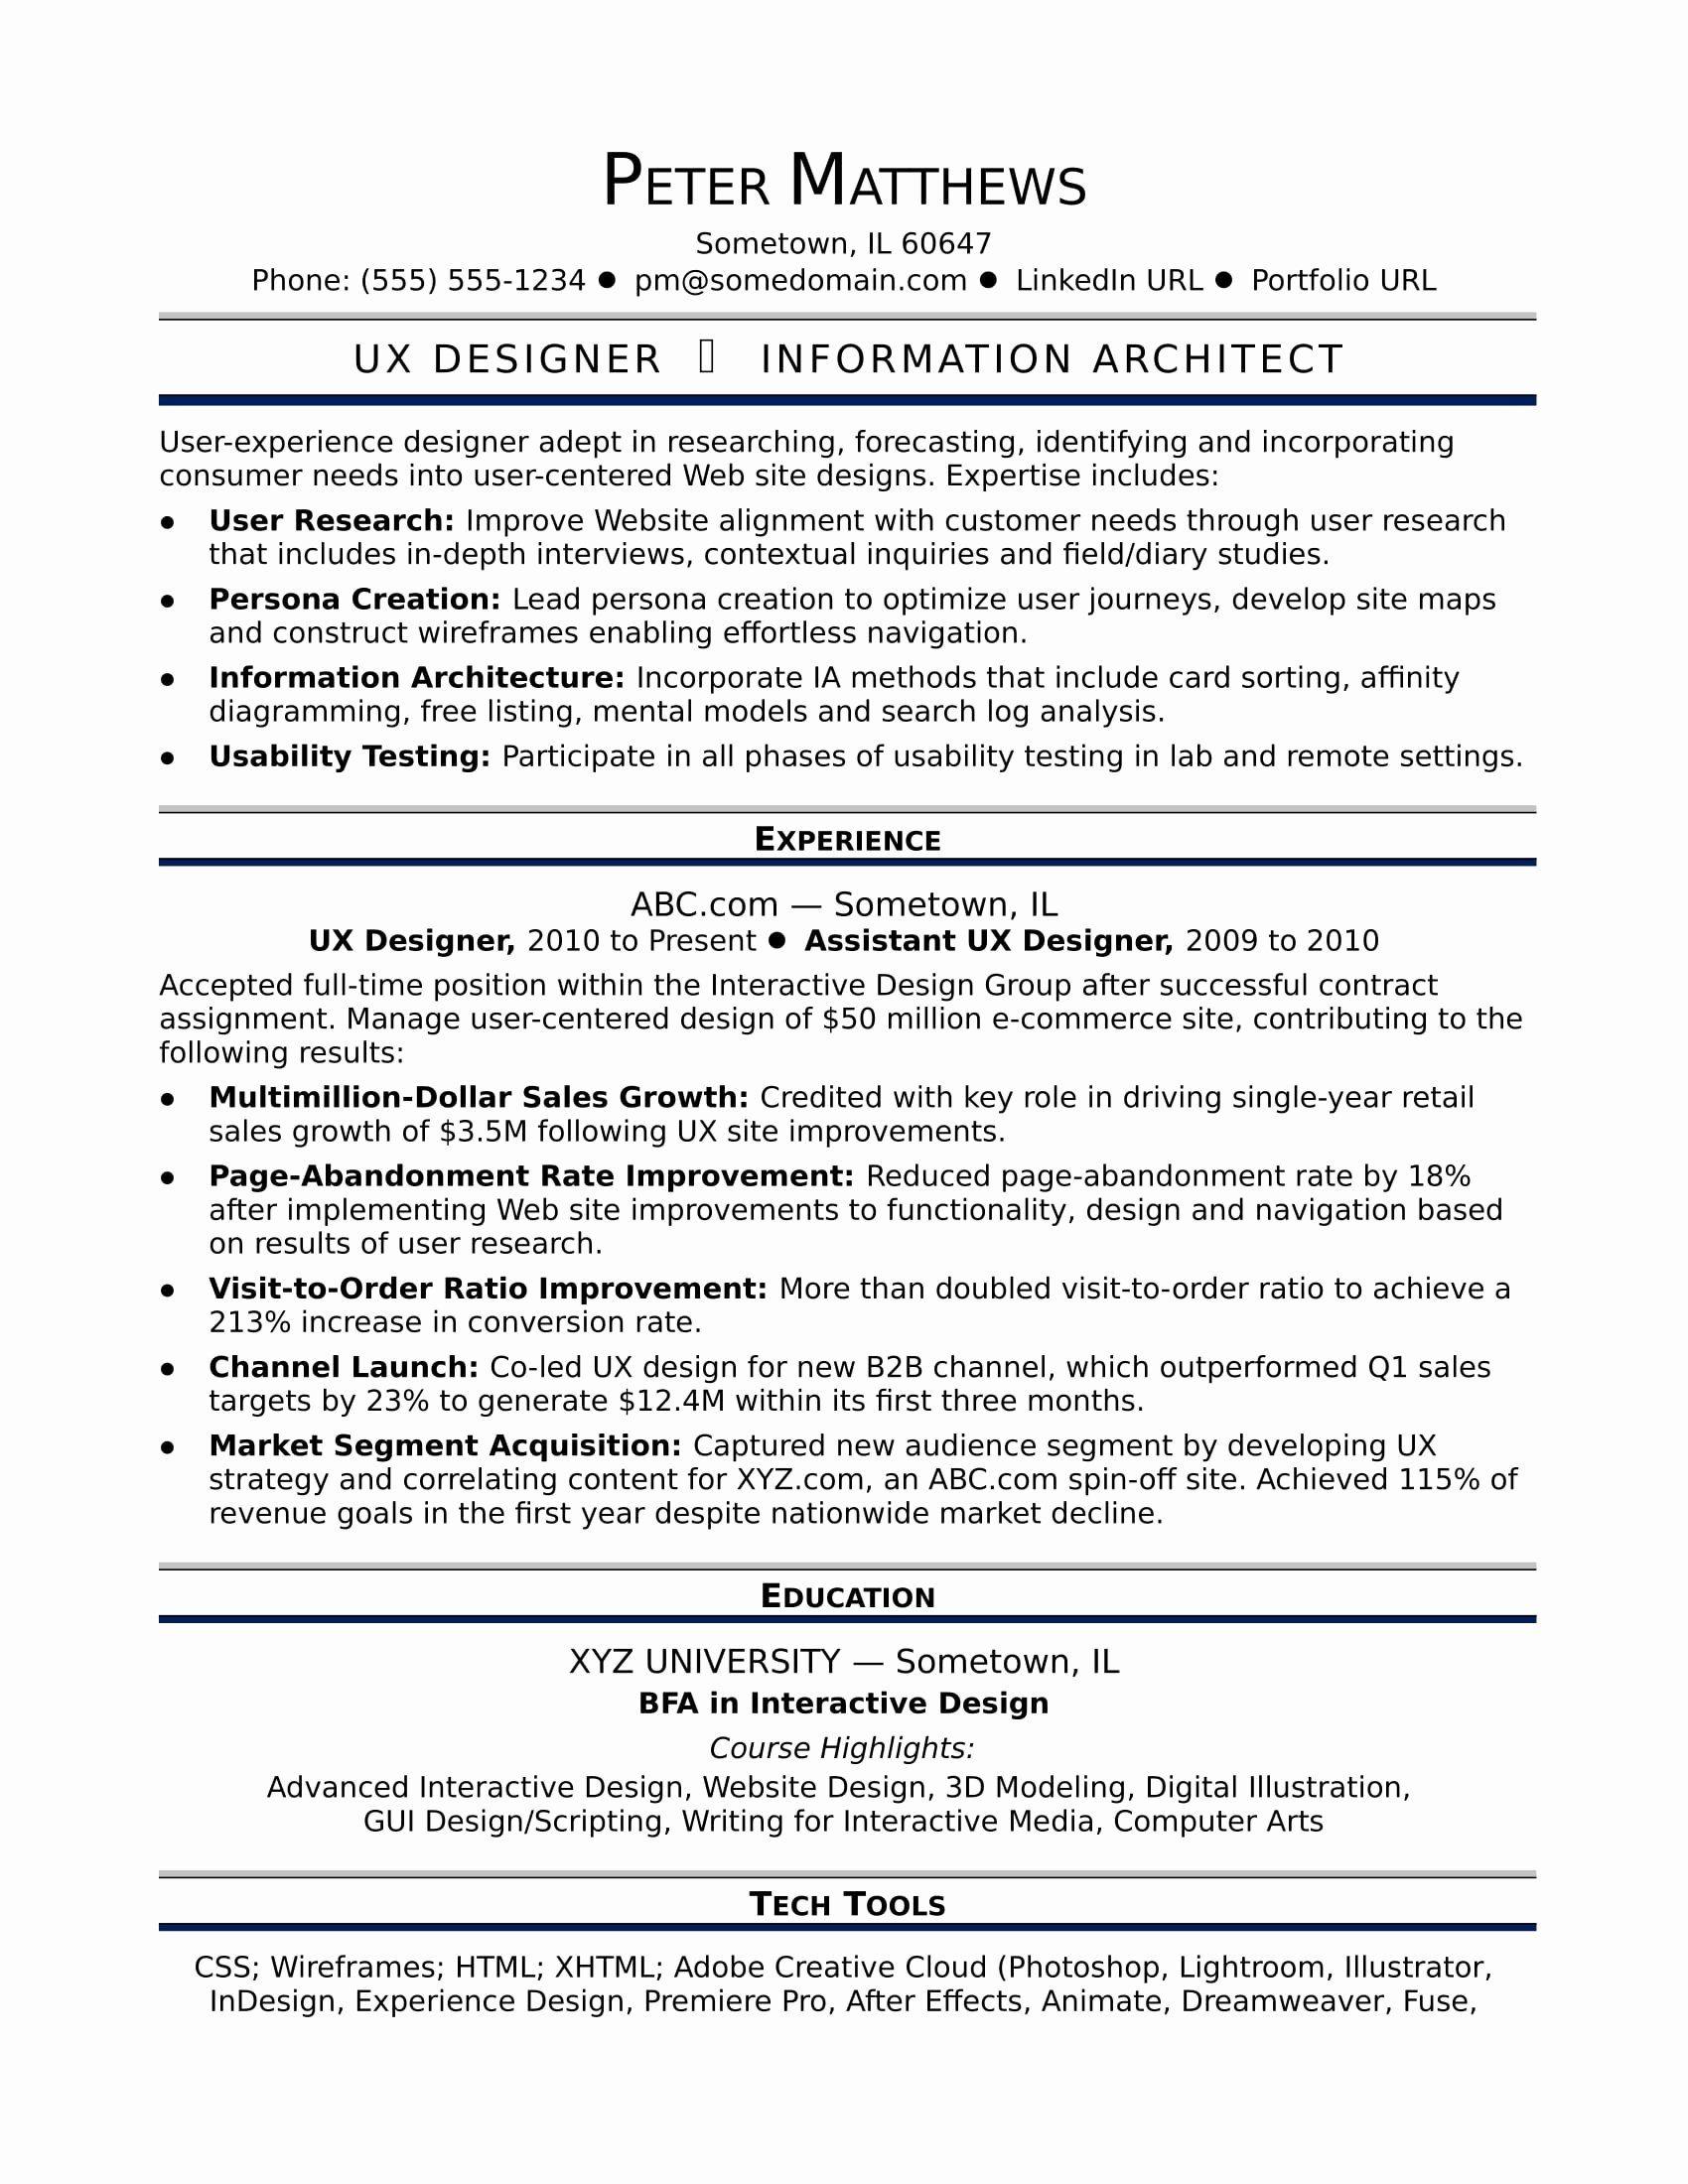 User Interface Designer Resume Unique Sample Resume For A Midlevel Ux Designer Resume Design Unique Resume Template Resume Design Creative